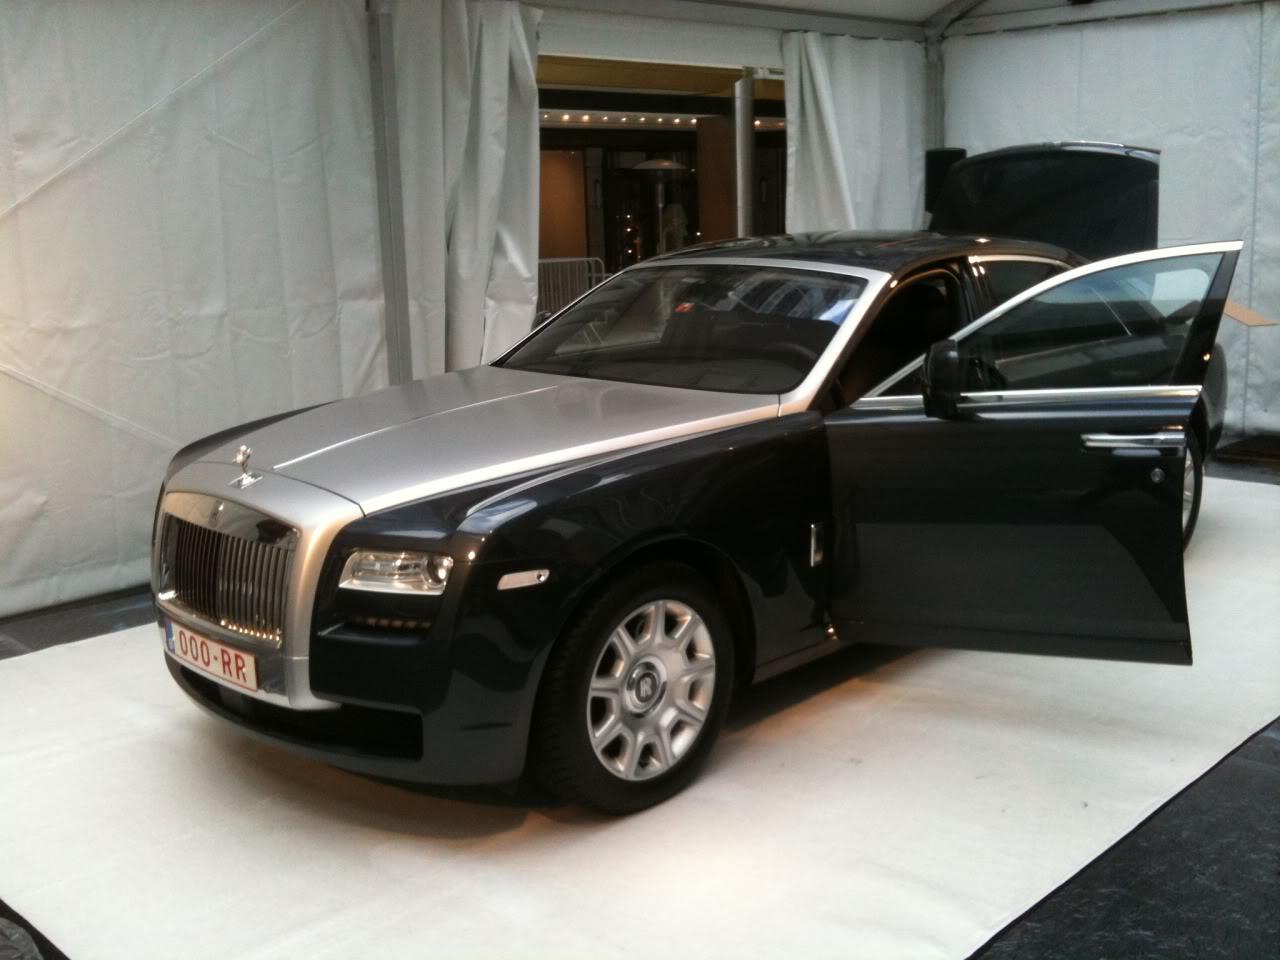 corum - CR Evénement Corum & Rolls-Royce à Bruxelles 25/11 - PHOTOS CORUM-EVENT-09